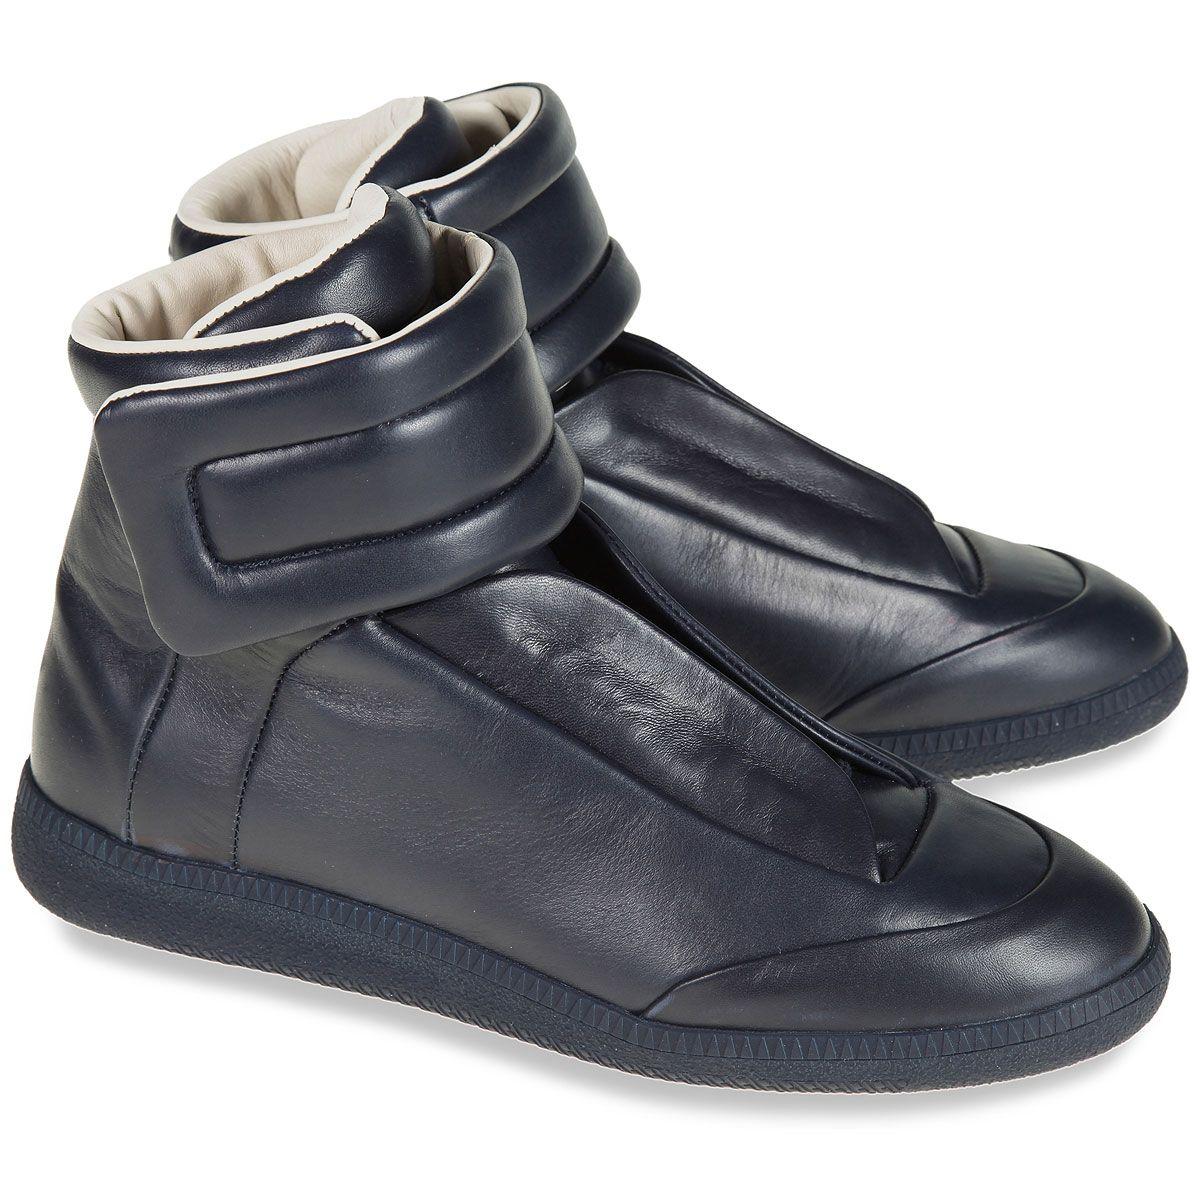 officiel de vente chaude nouveau style de vie véritable Chaussures Homme Maison Martin Margiela, Code produit ...